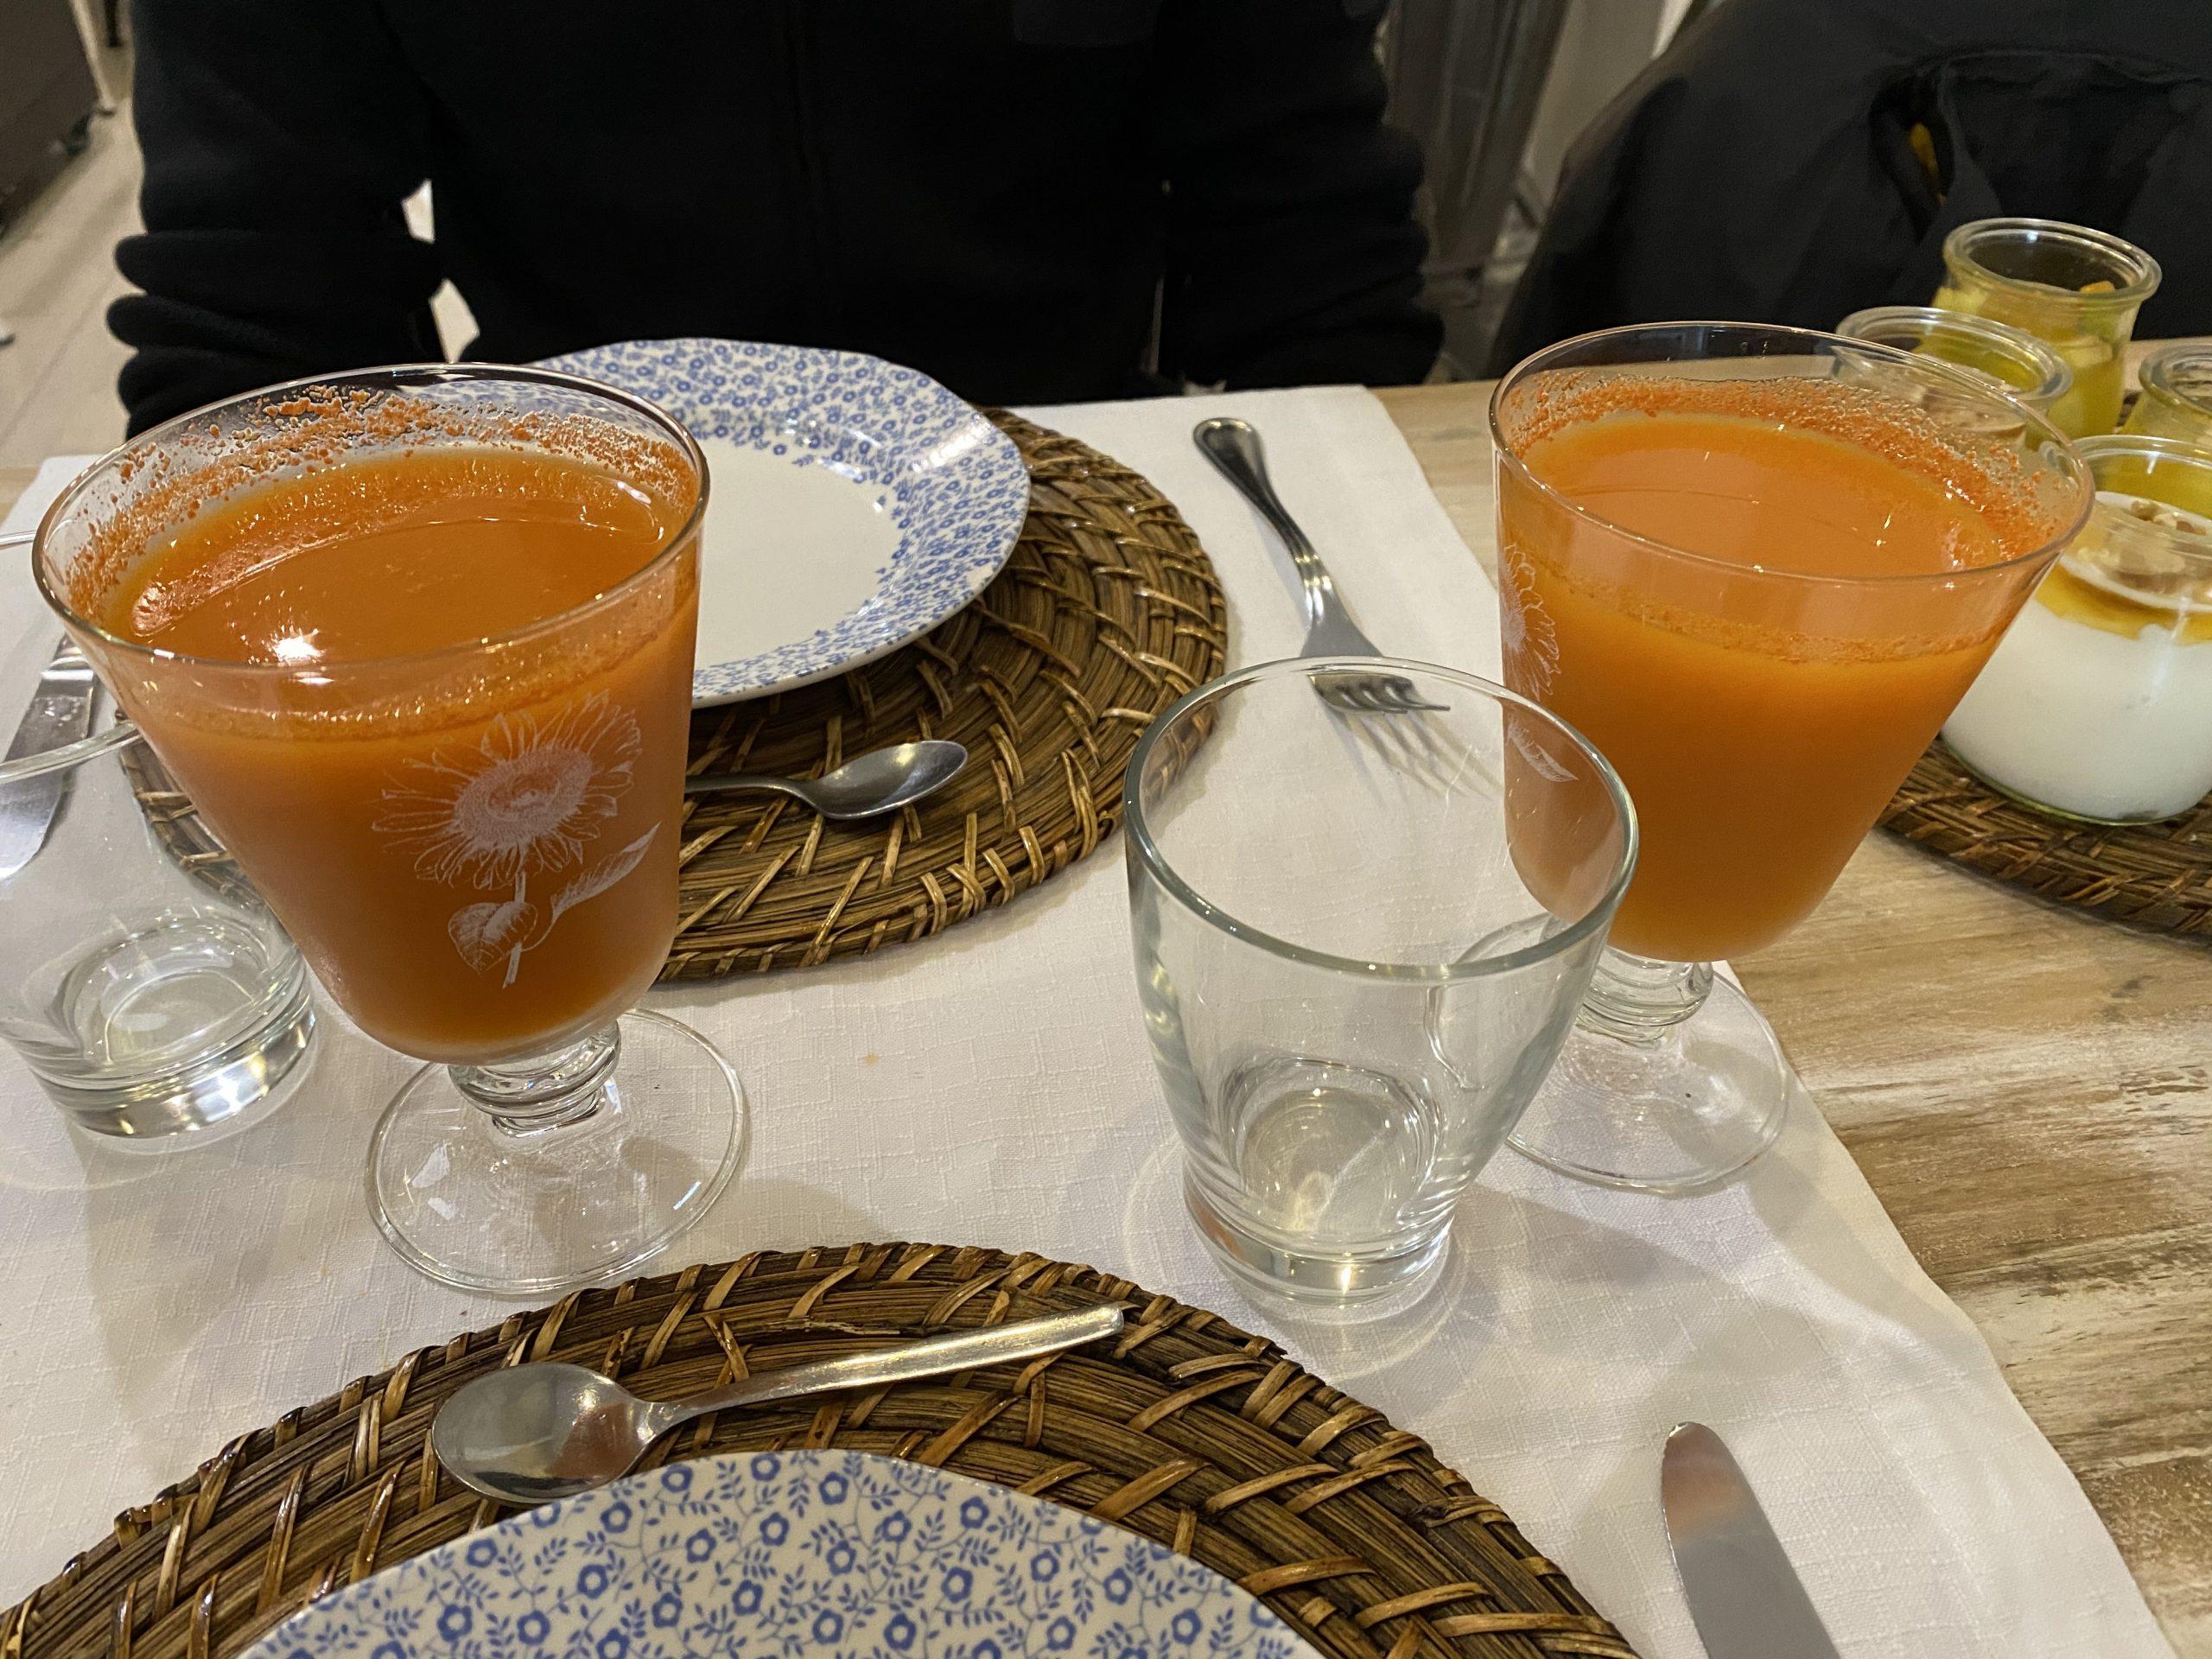 Zumos naturales de zanahoria, naranja y jengibre